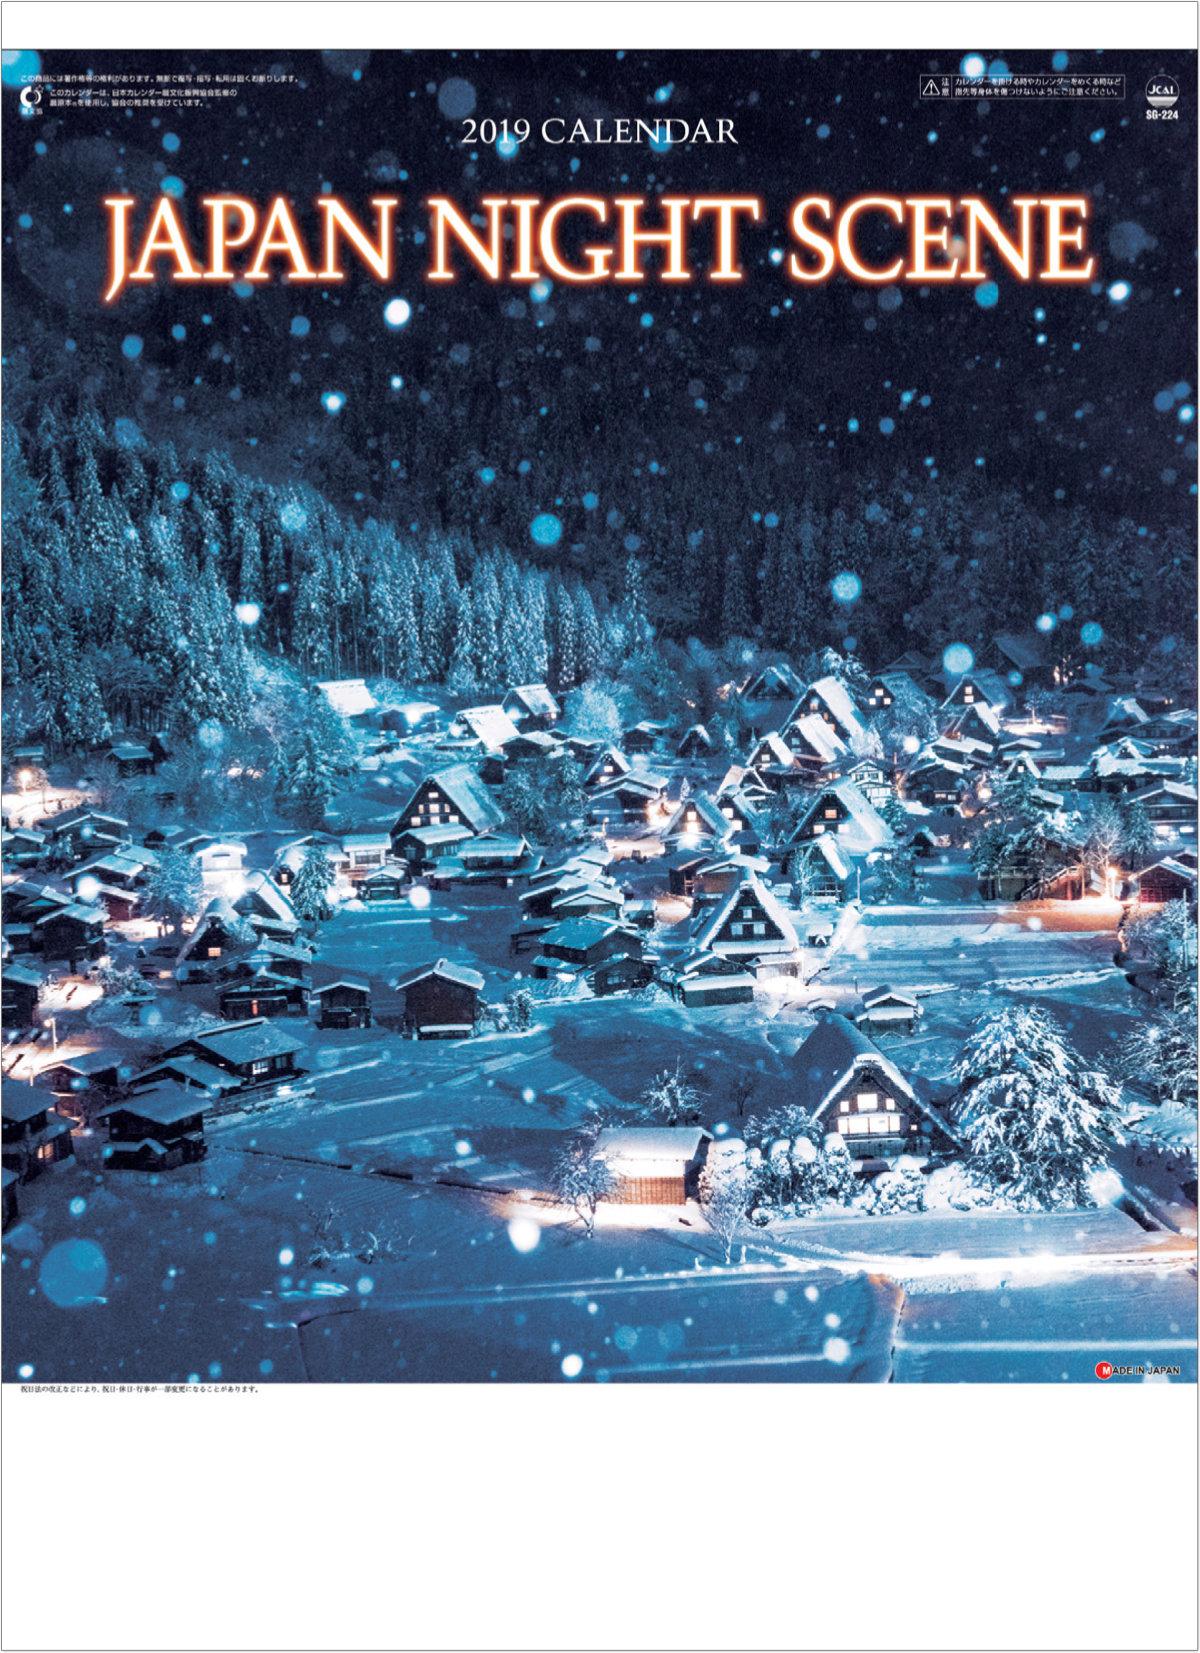 表紙 ジャパンナイトシーン 2019年カレンダーの画像